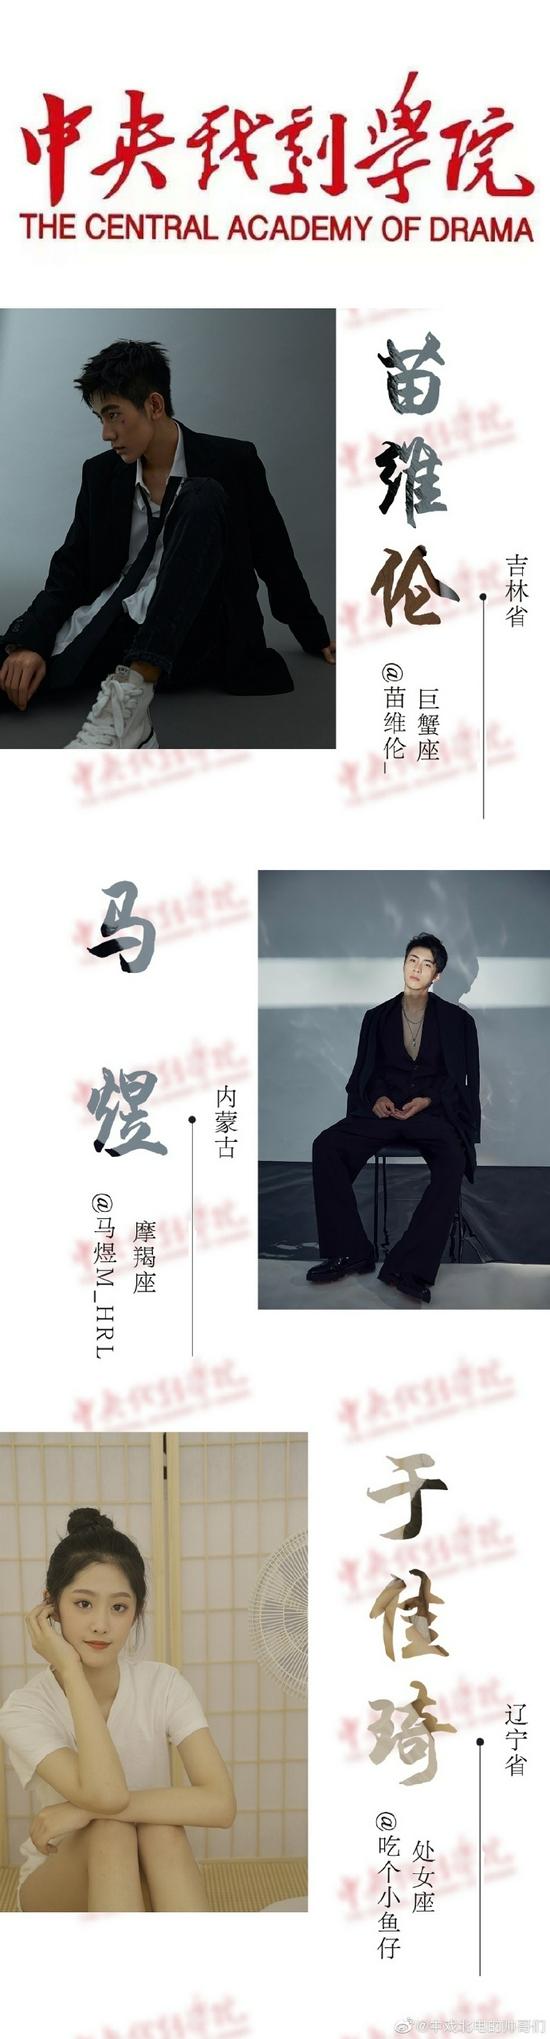 中戏21级表演专业新生名单曝光 文淇名列其中